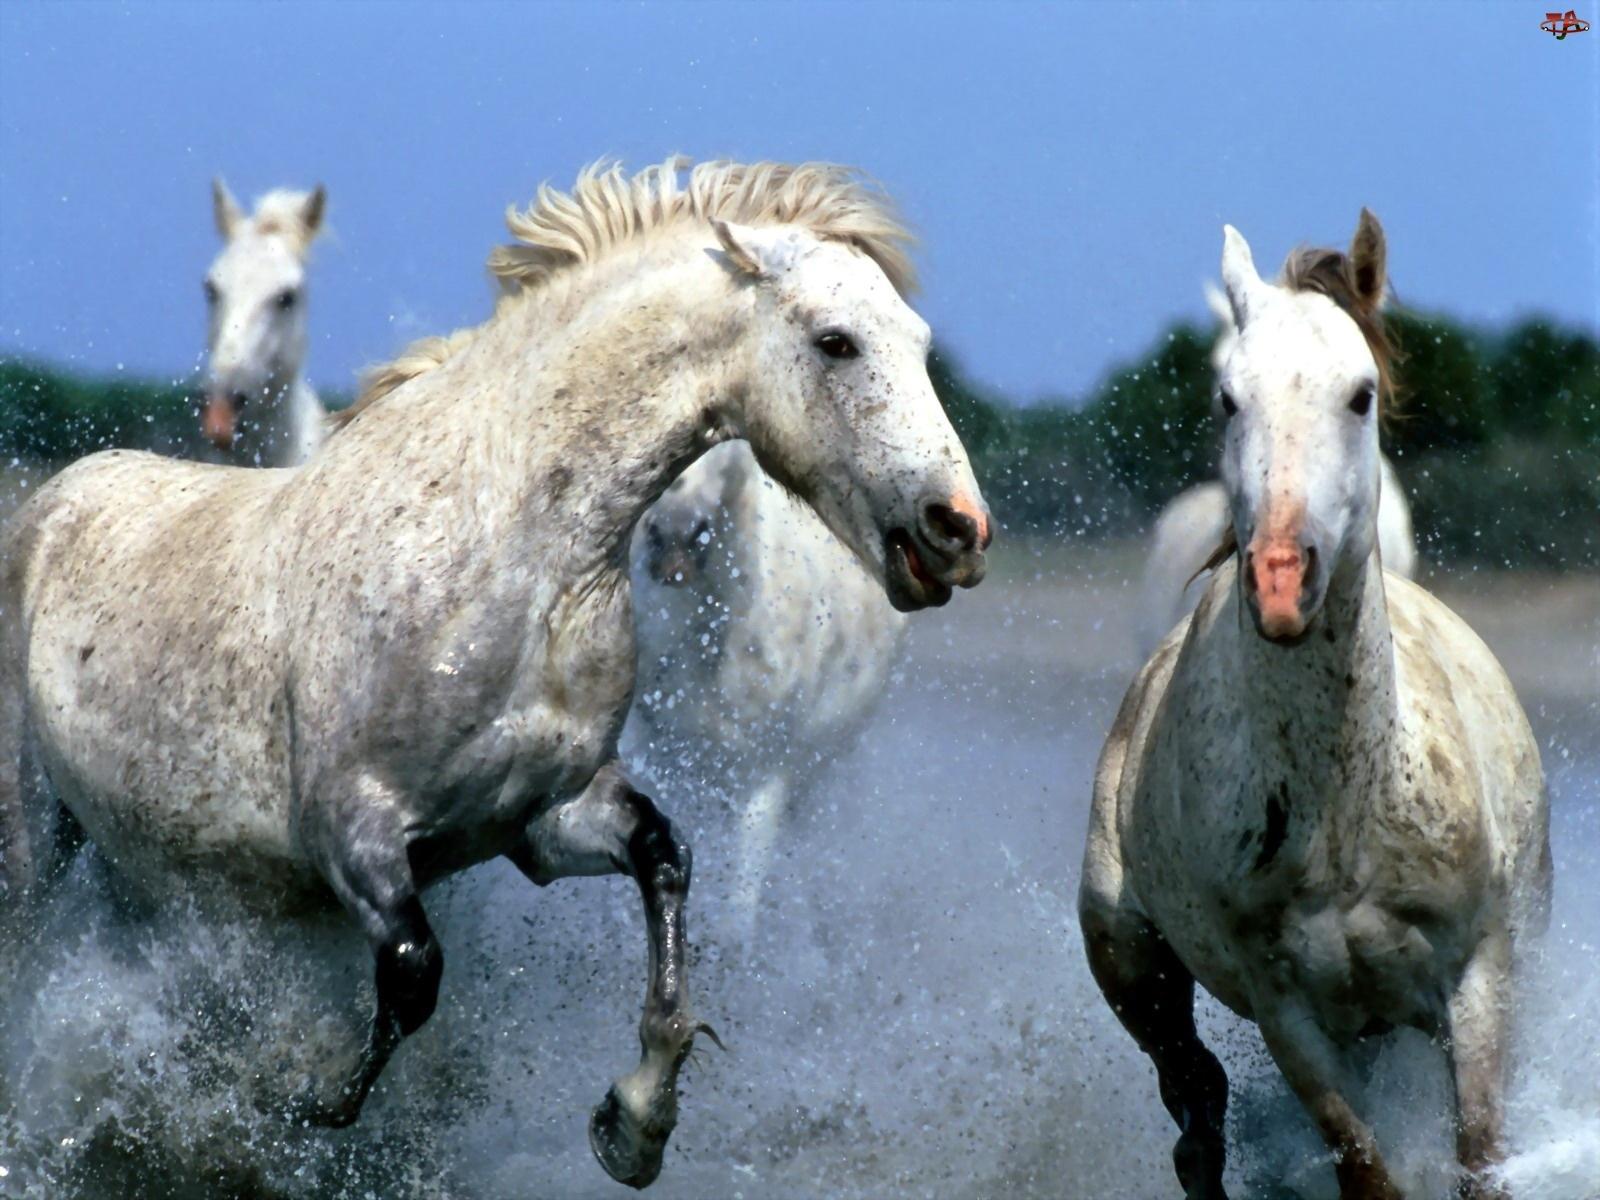 Woda, Białe, Konie